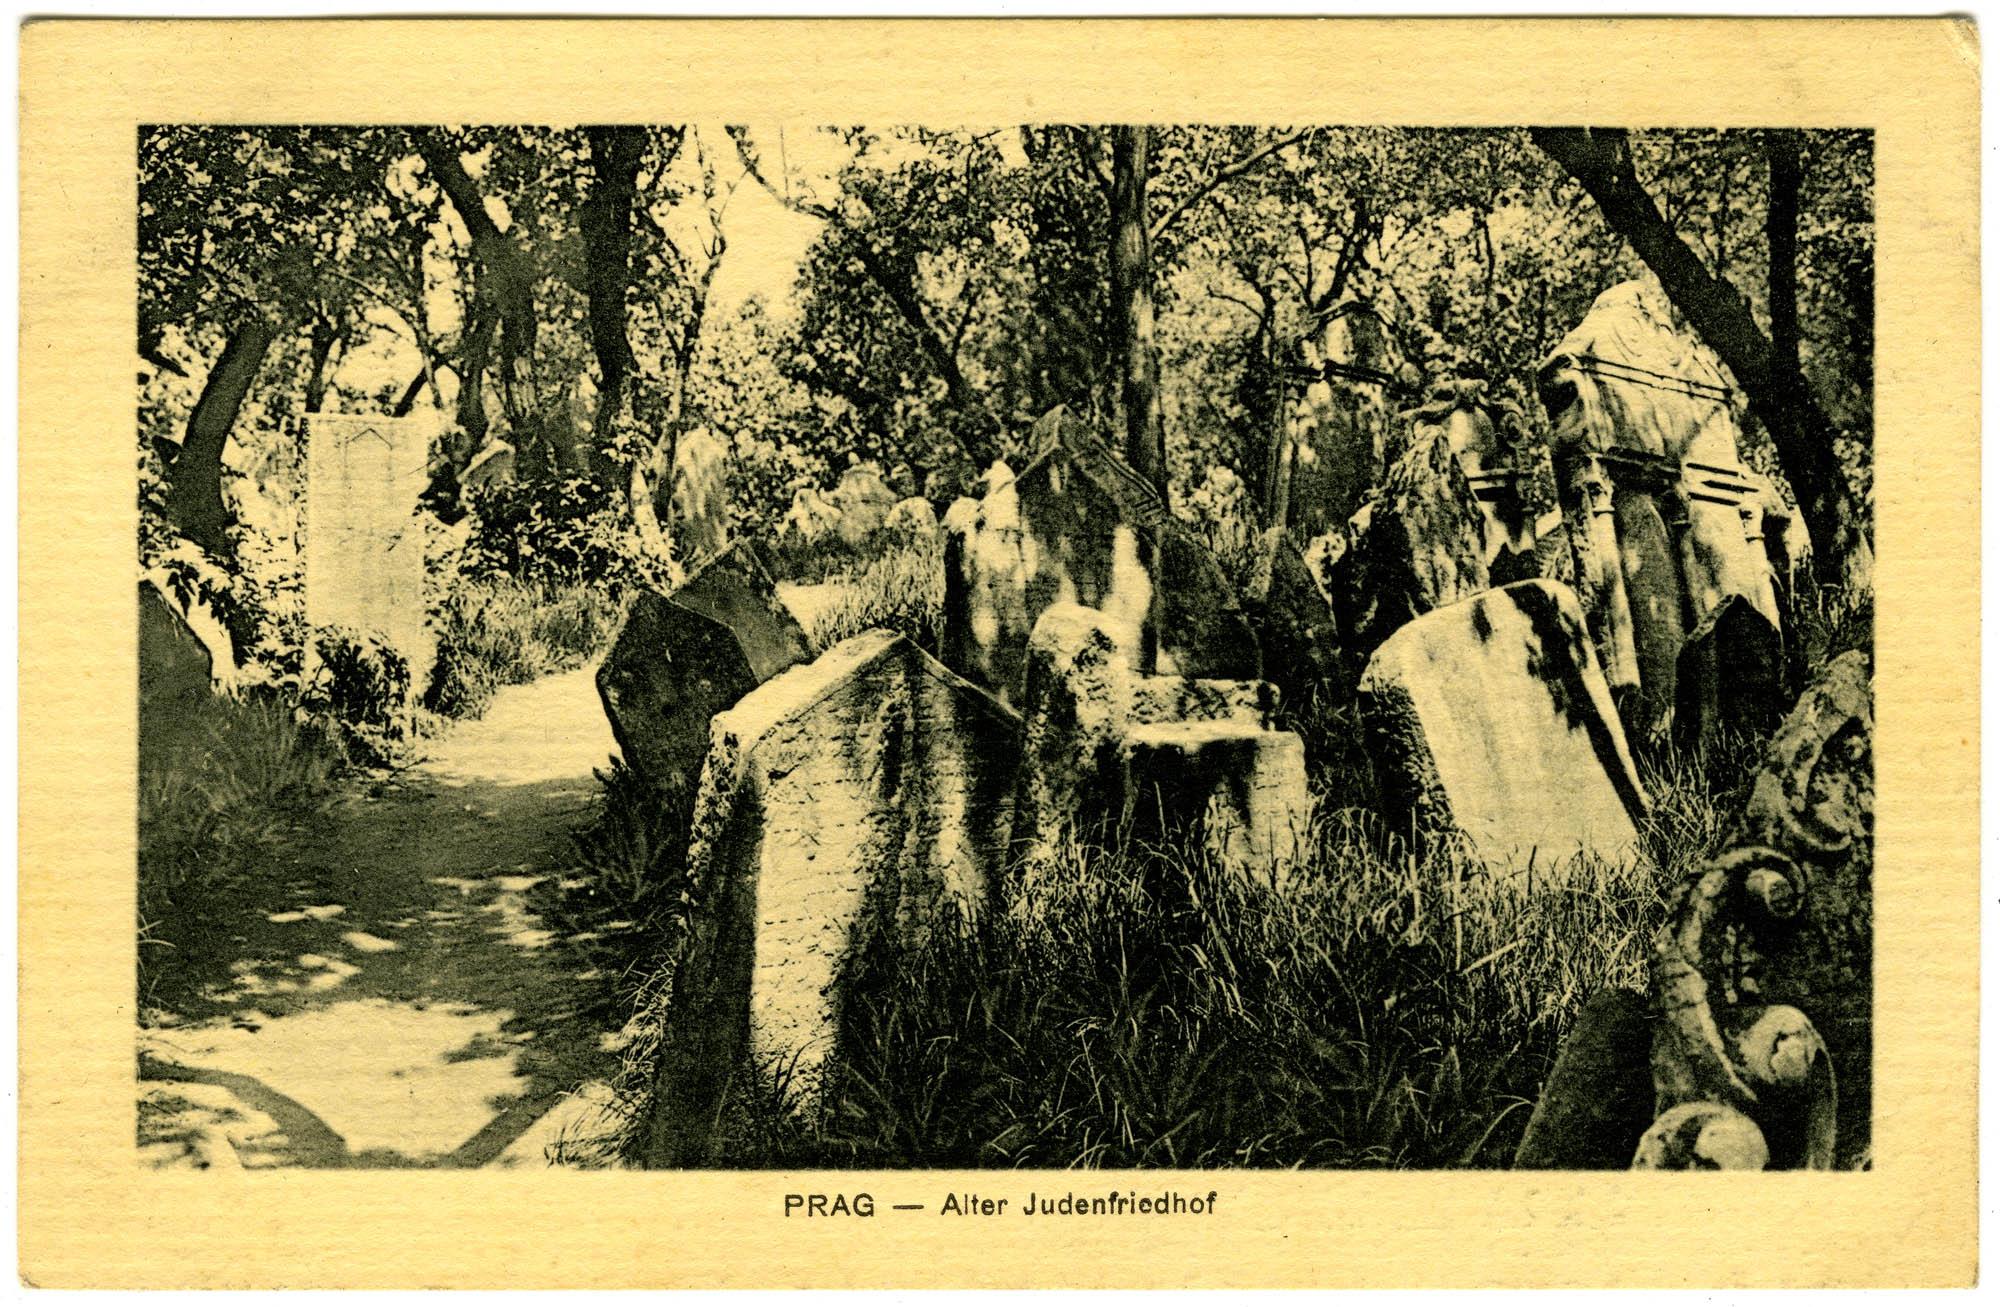 Prag - Alter Judenfriedhof